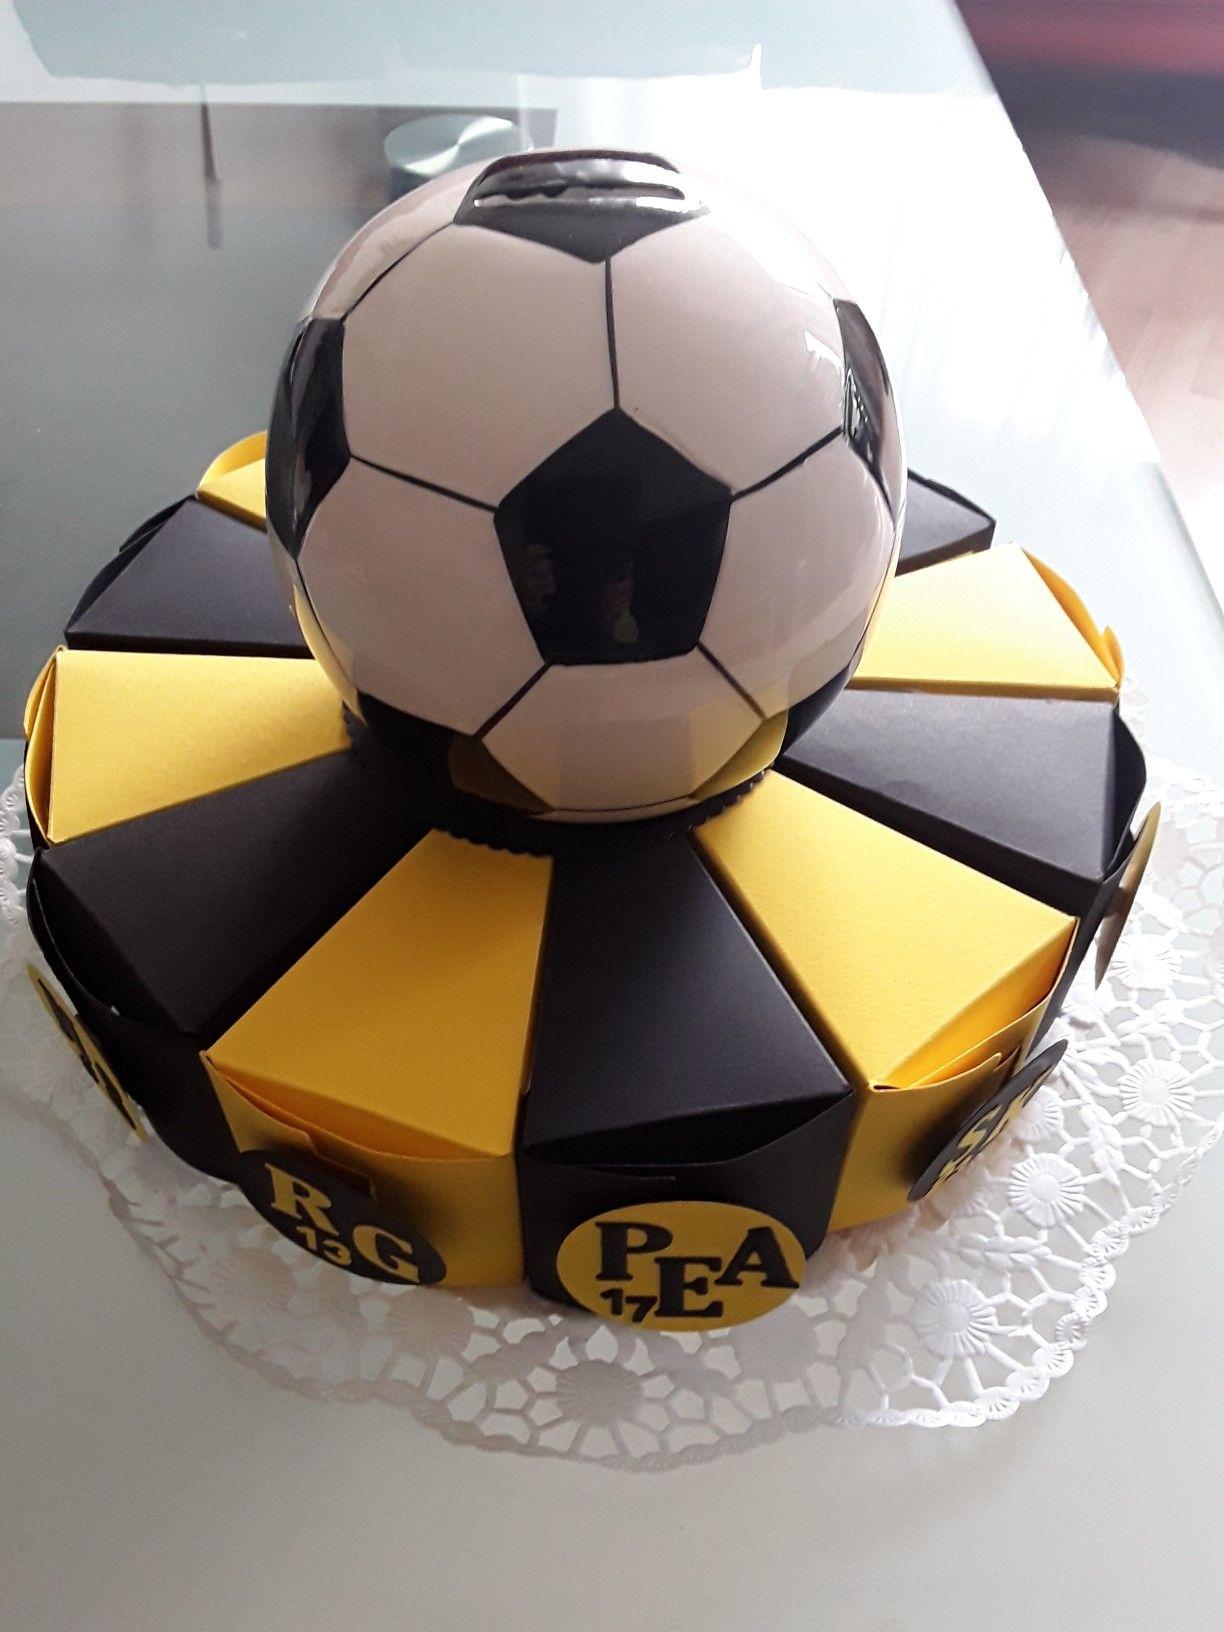 Geburtstagstorte BVB für meinen Freund zum 60 Geburtstag